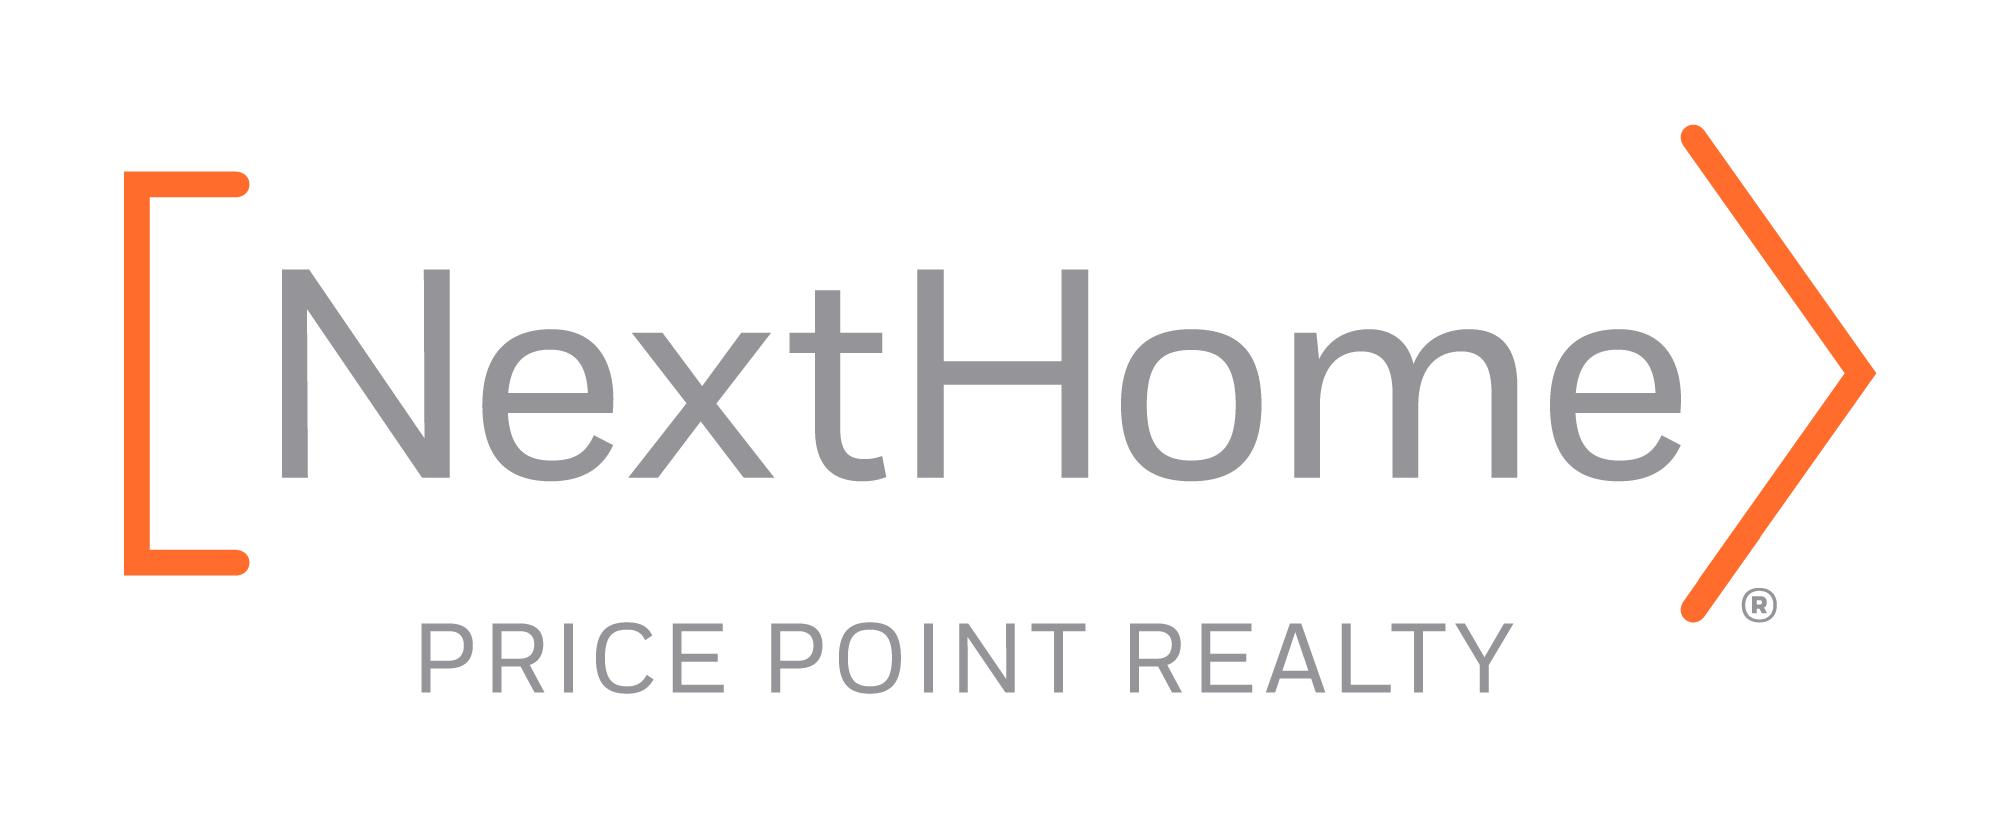 NextHome Price Point Realty Logo